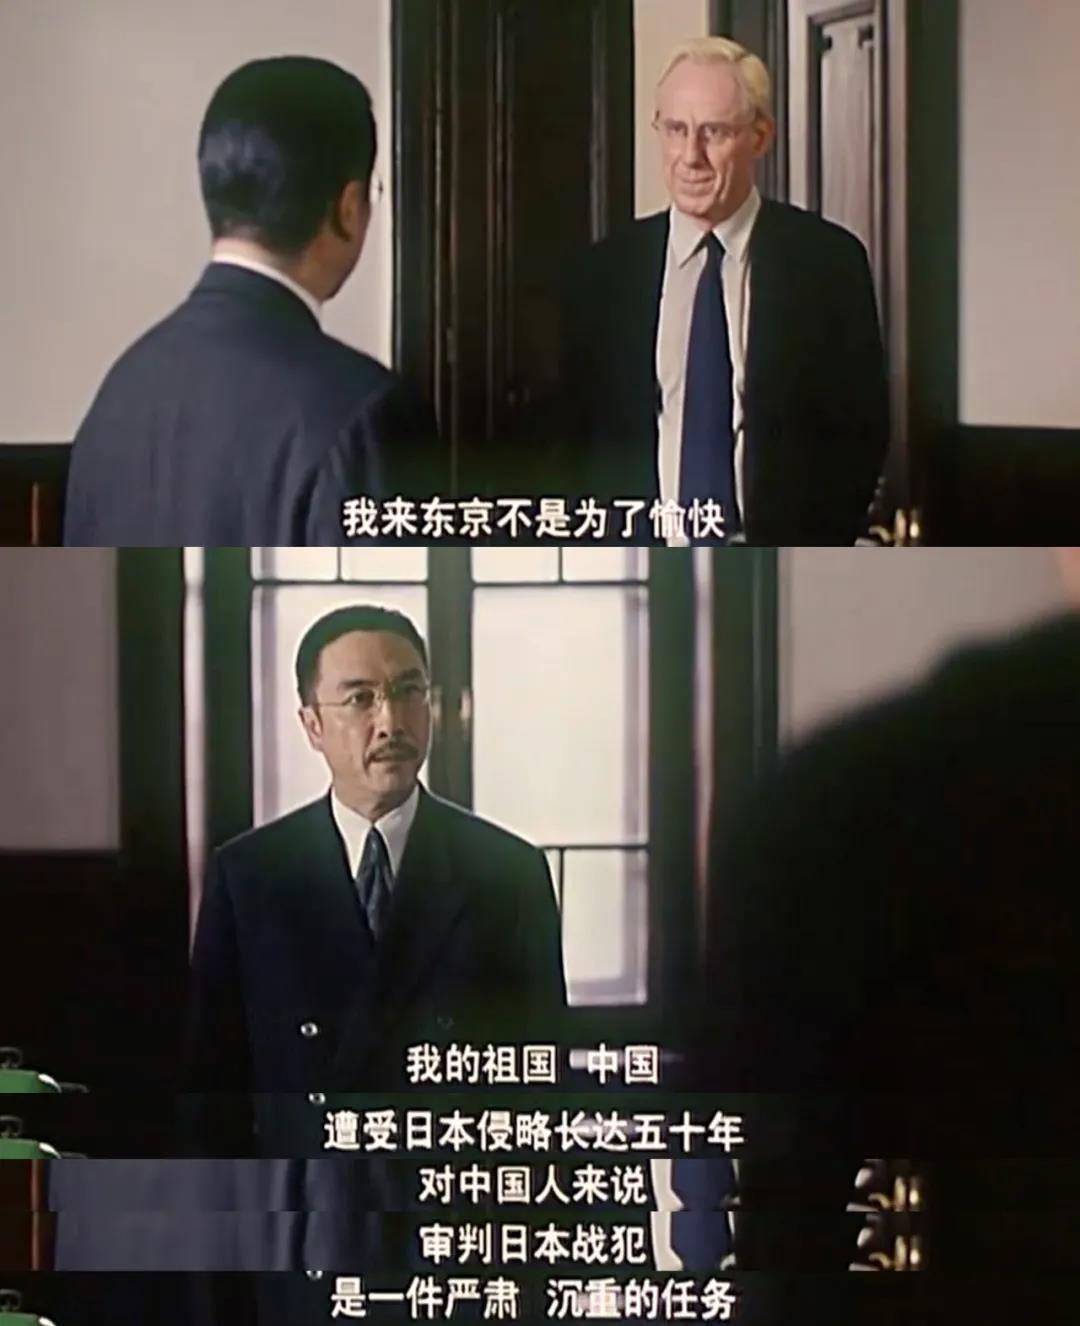 皇冠注册:《东京审讯》:这是一部所有中国人都必看的影片 第8张